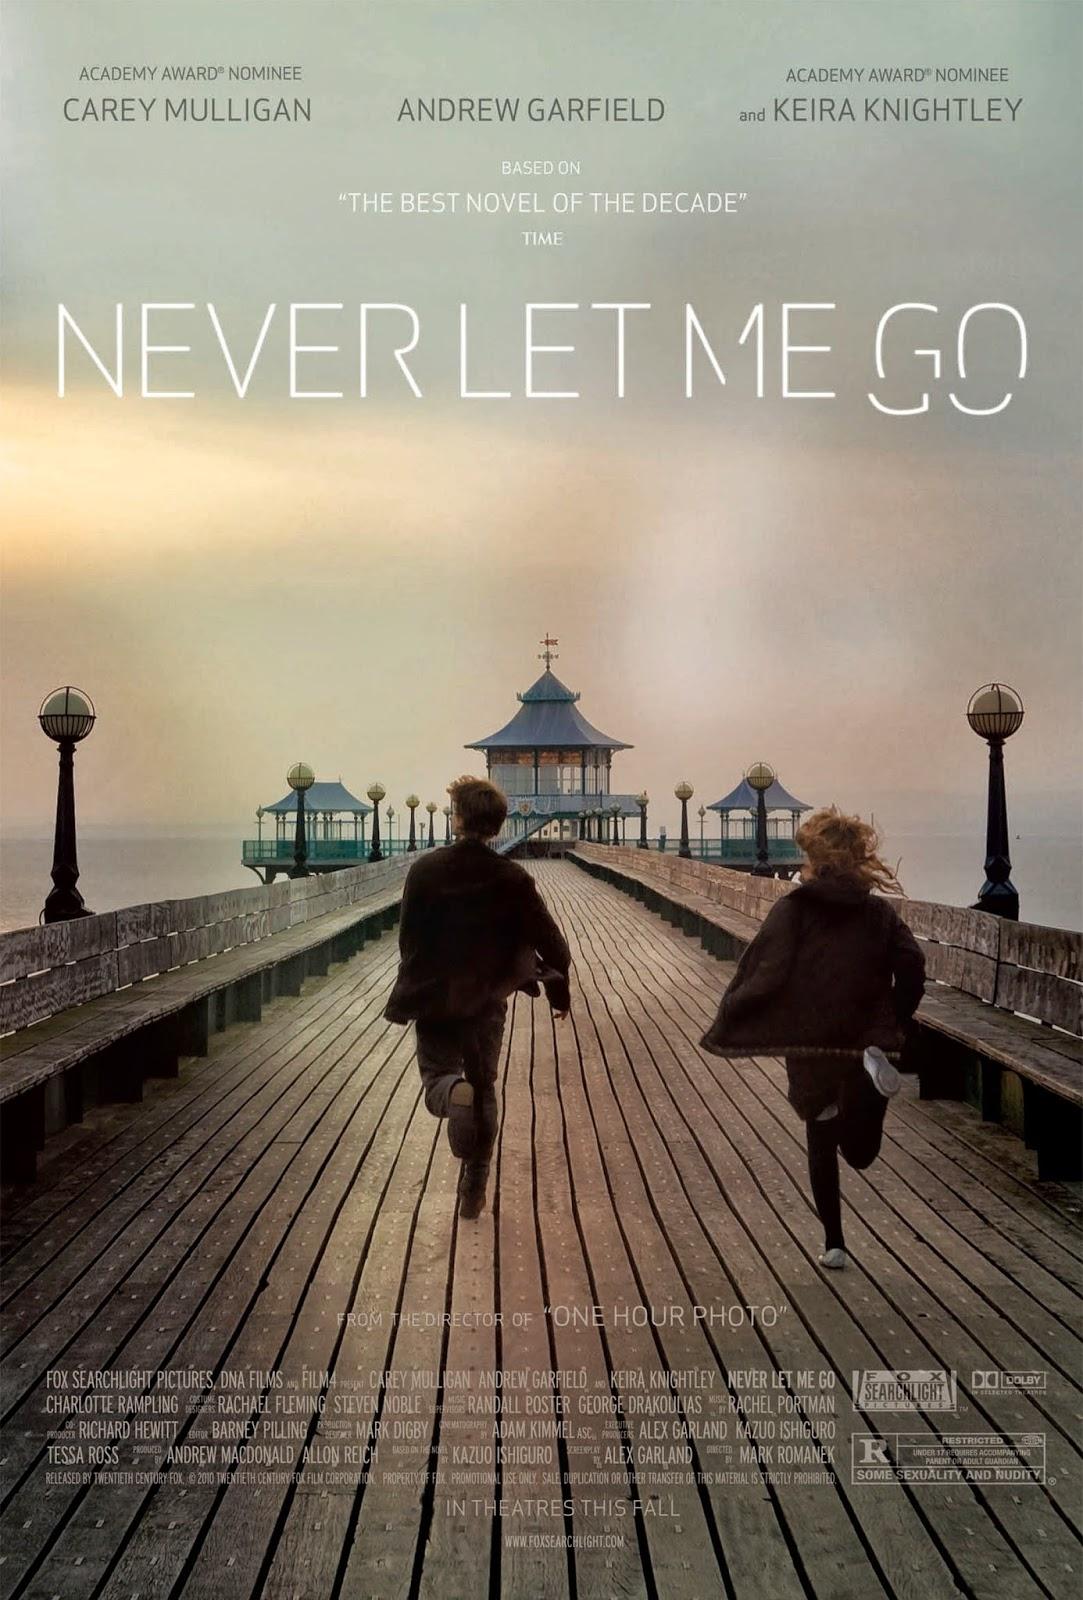 Clevedon Piere - Never Let Me Go